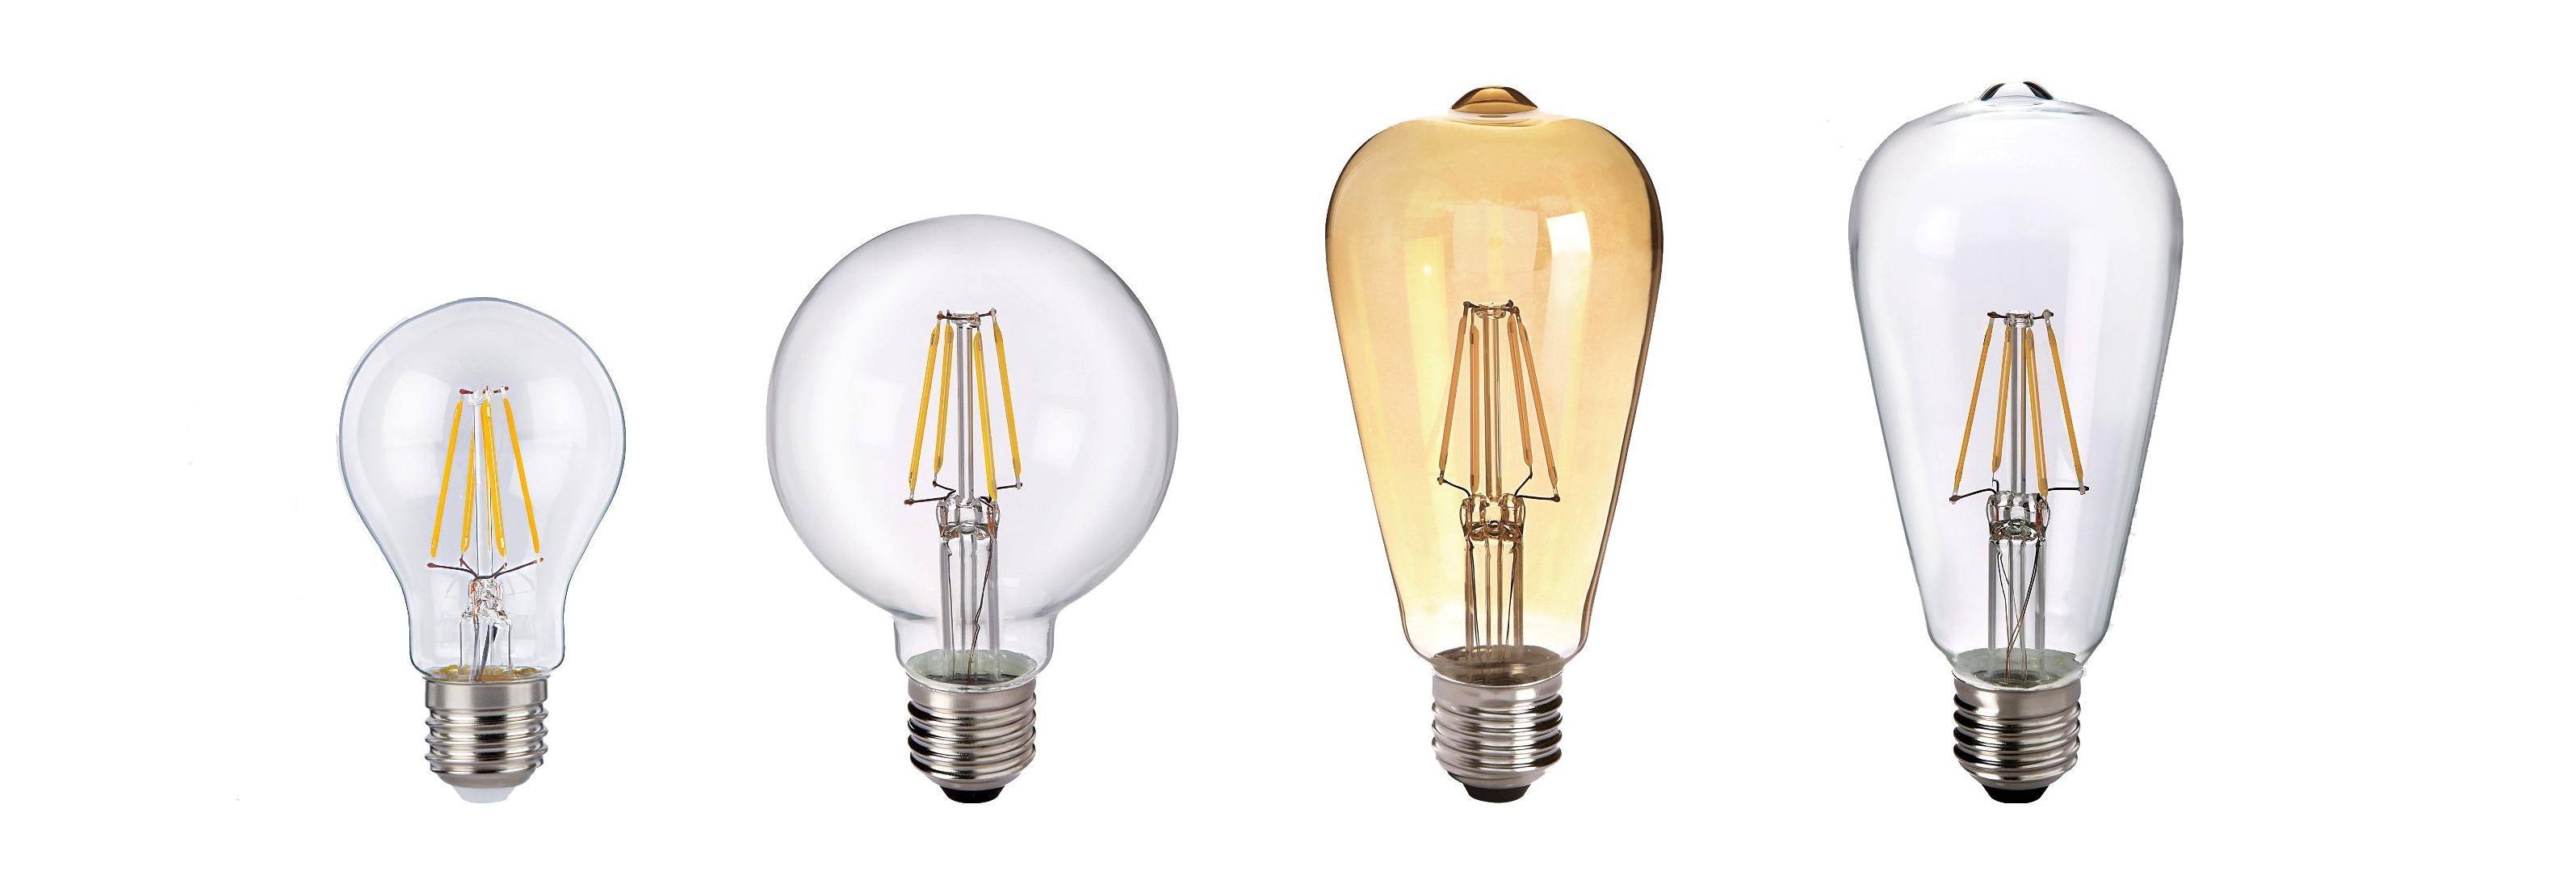 E27 LED Lamp Vormen